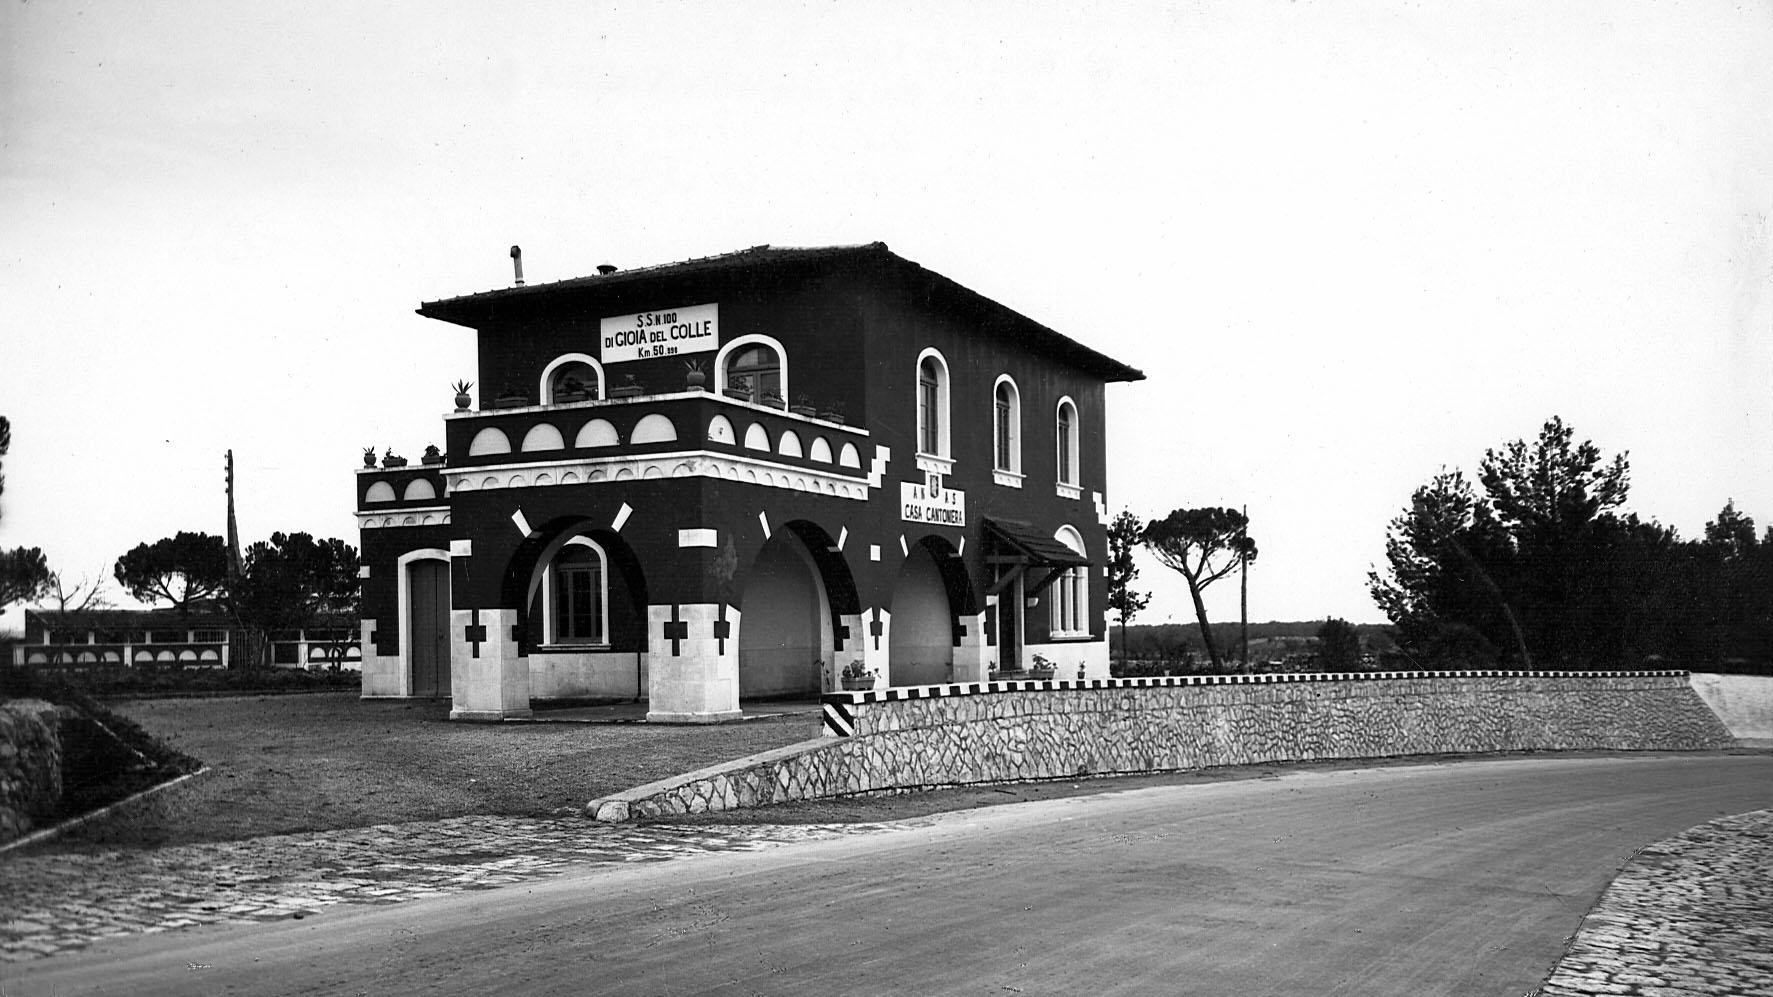 """Casa cantoniera AASS al km 50 della SS100 """"Gioia del Colle"""", Puglia (Archivio storico Anas)"""